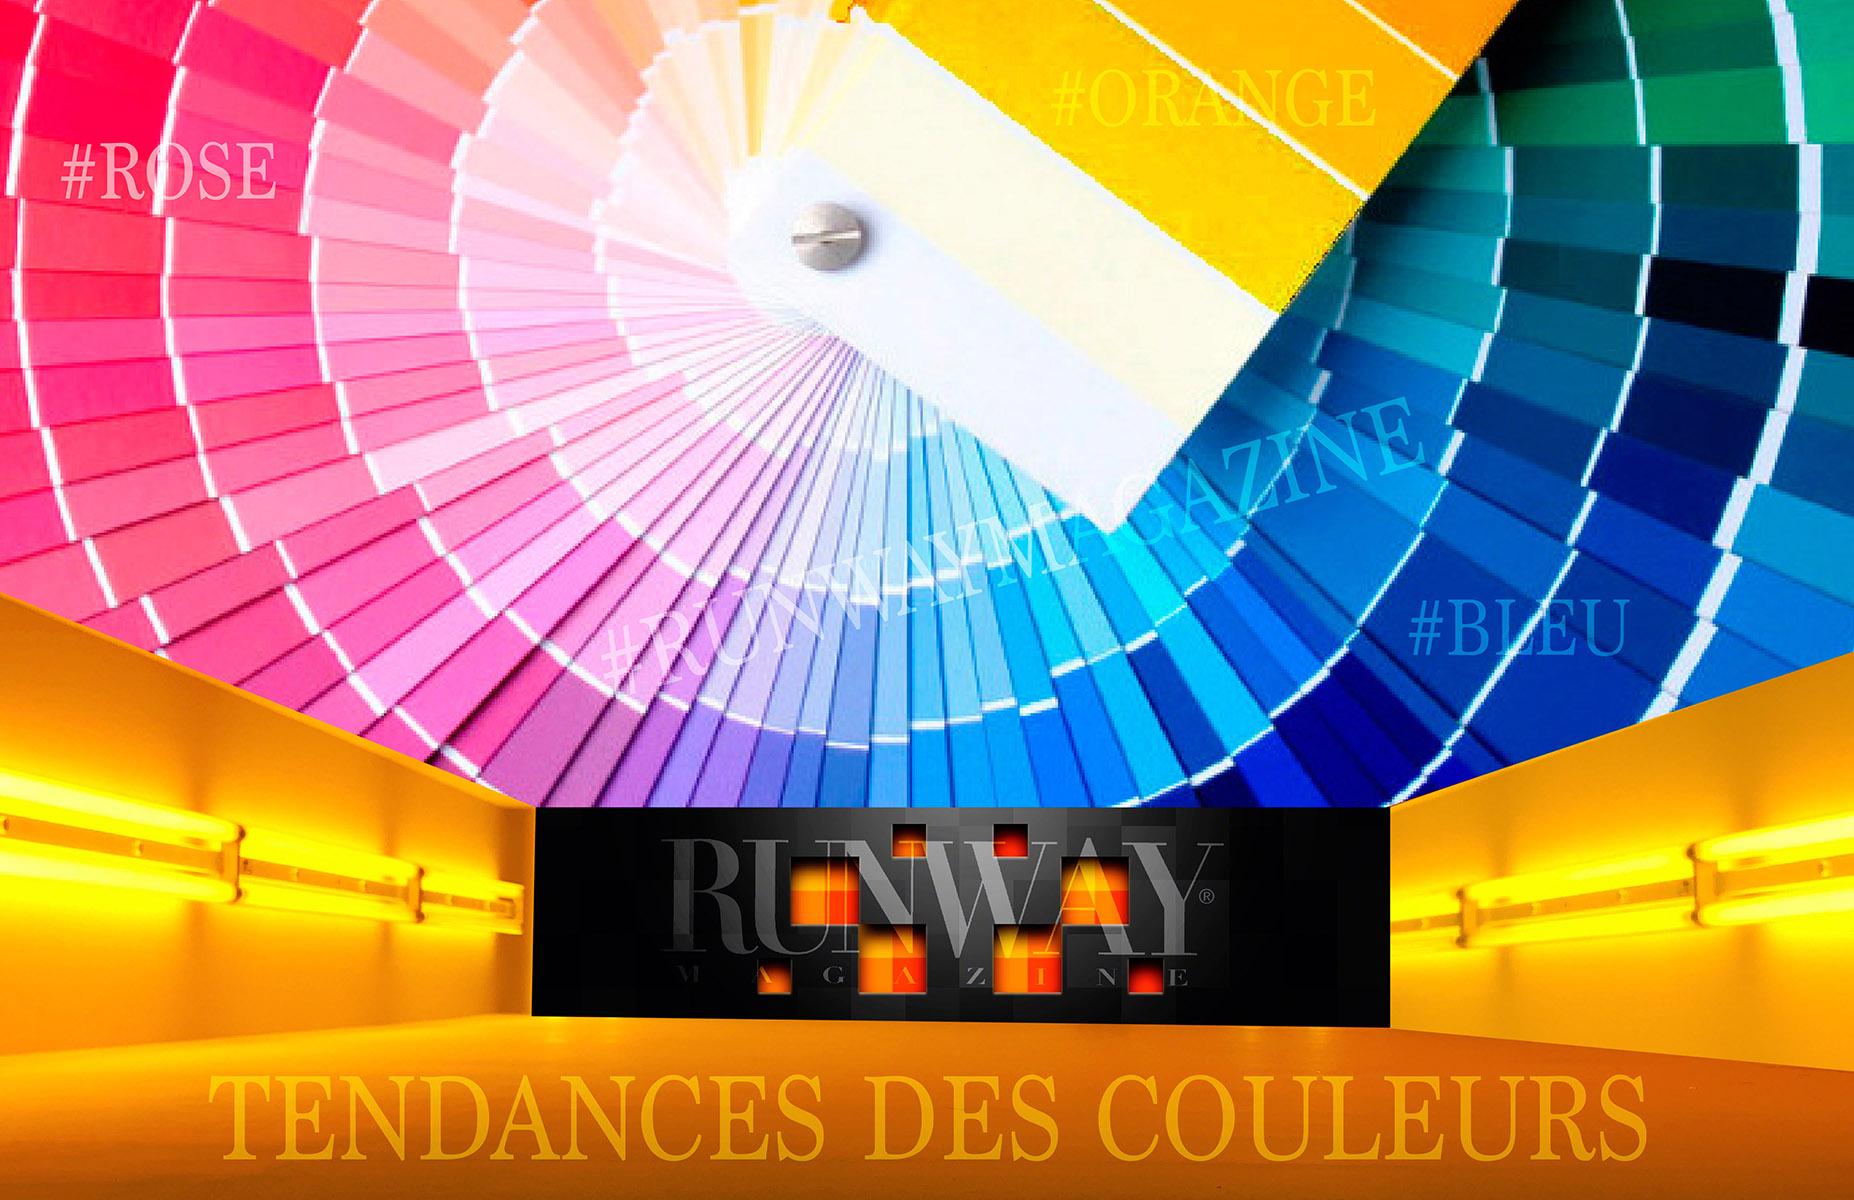 TENDANCES DE COULEURS, Guillaumette Duplaix, Runway Magazine